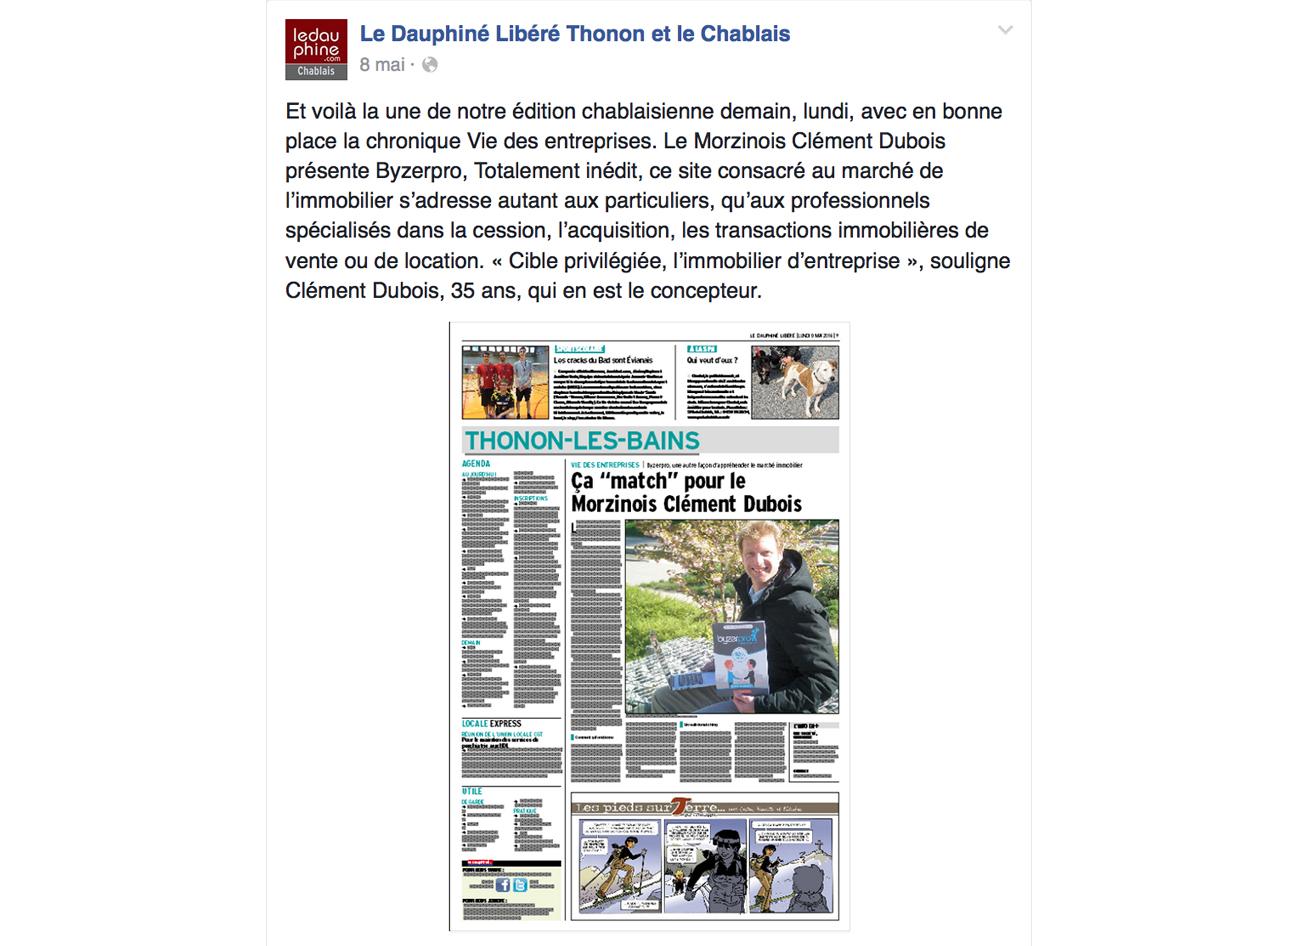 Byzerpro.com sur le Dauphiné-Libéré